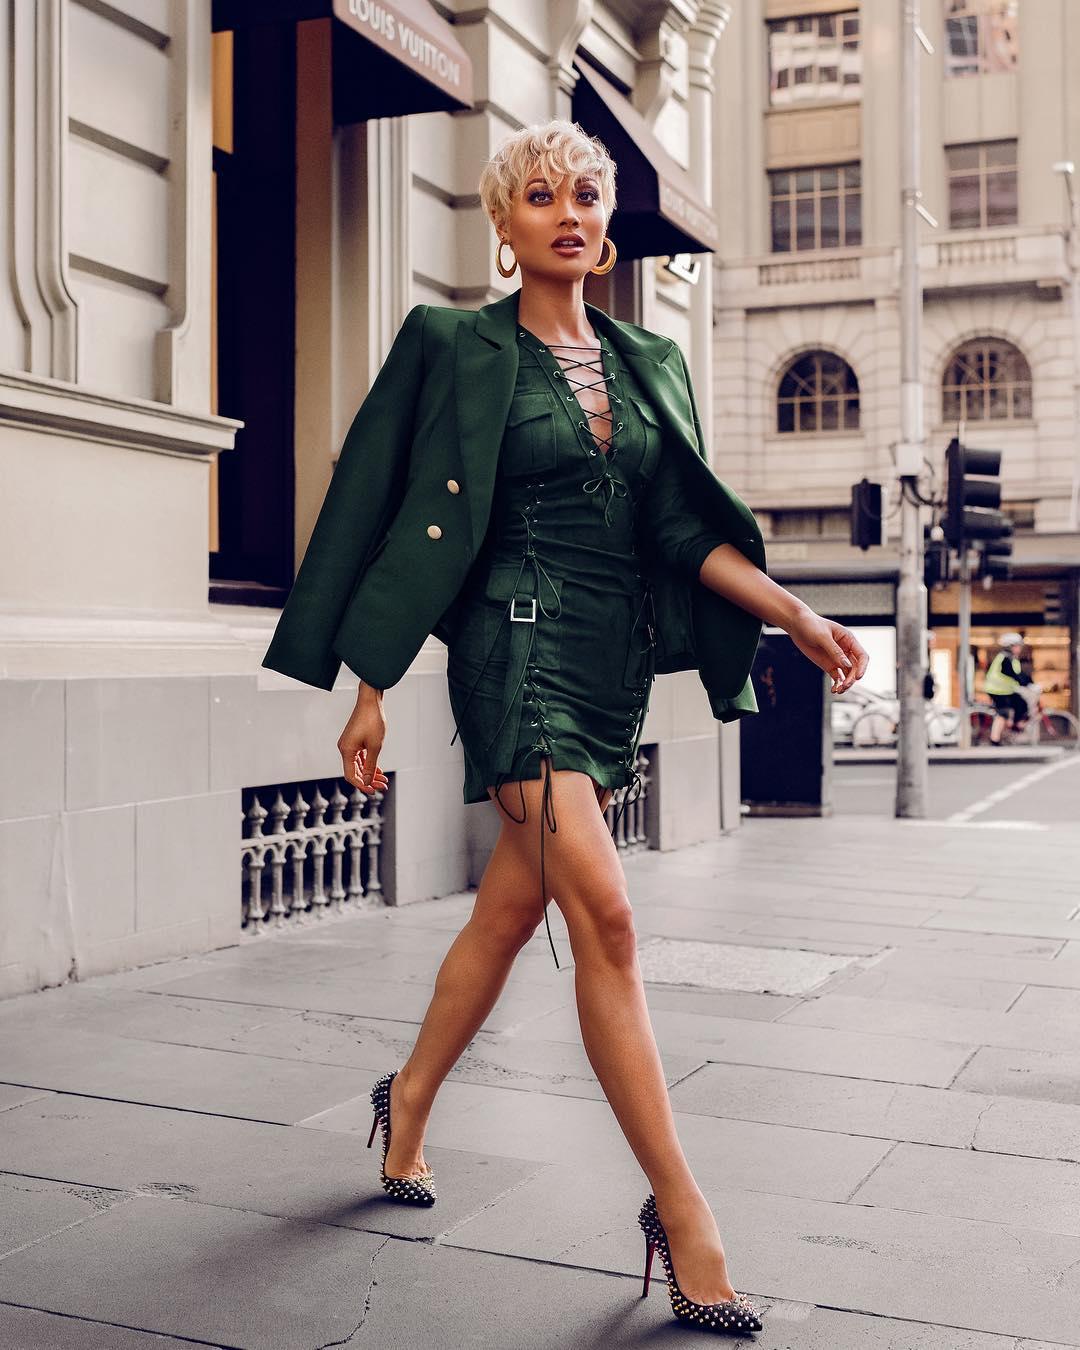 Pantone рекомендует - эти оттенки будут на всех модницах мира осенью-зимой 2019-2020 мода,модные советы,модный обзор,осень-зима 2019-2020,стиль,тенденции